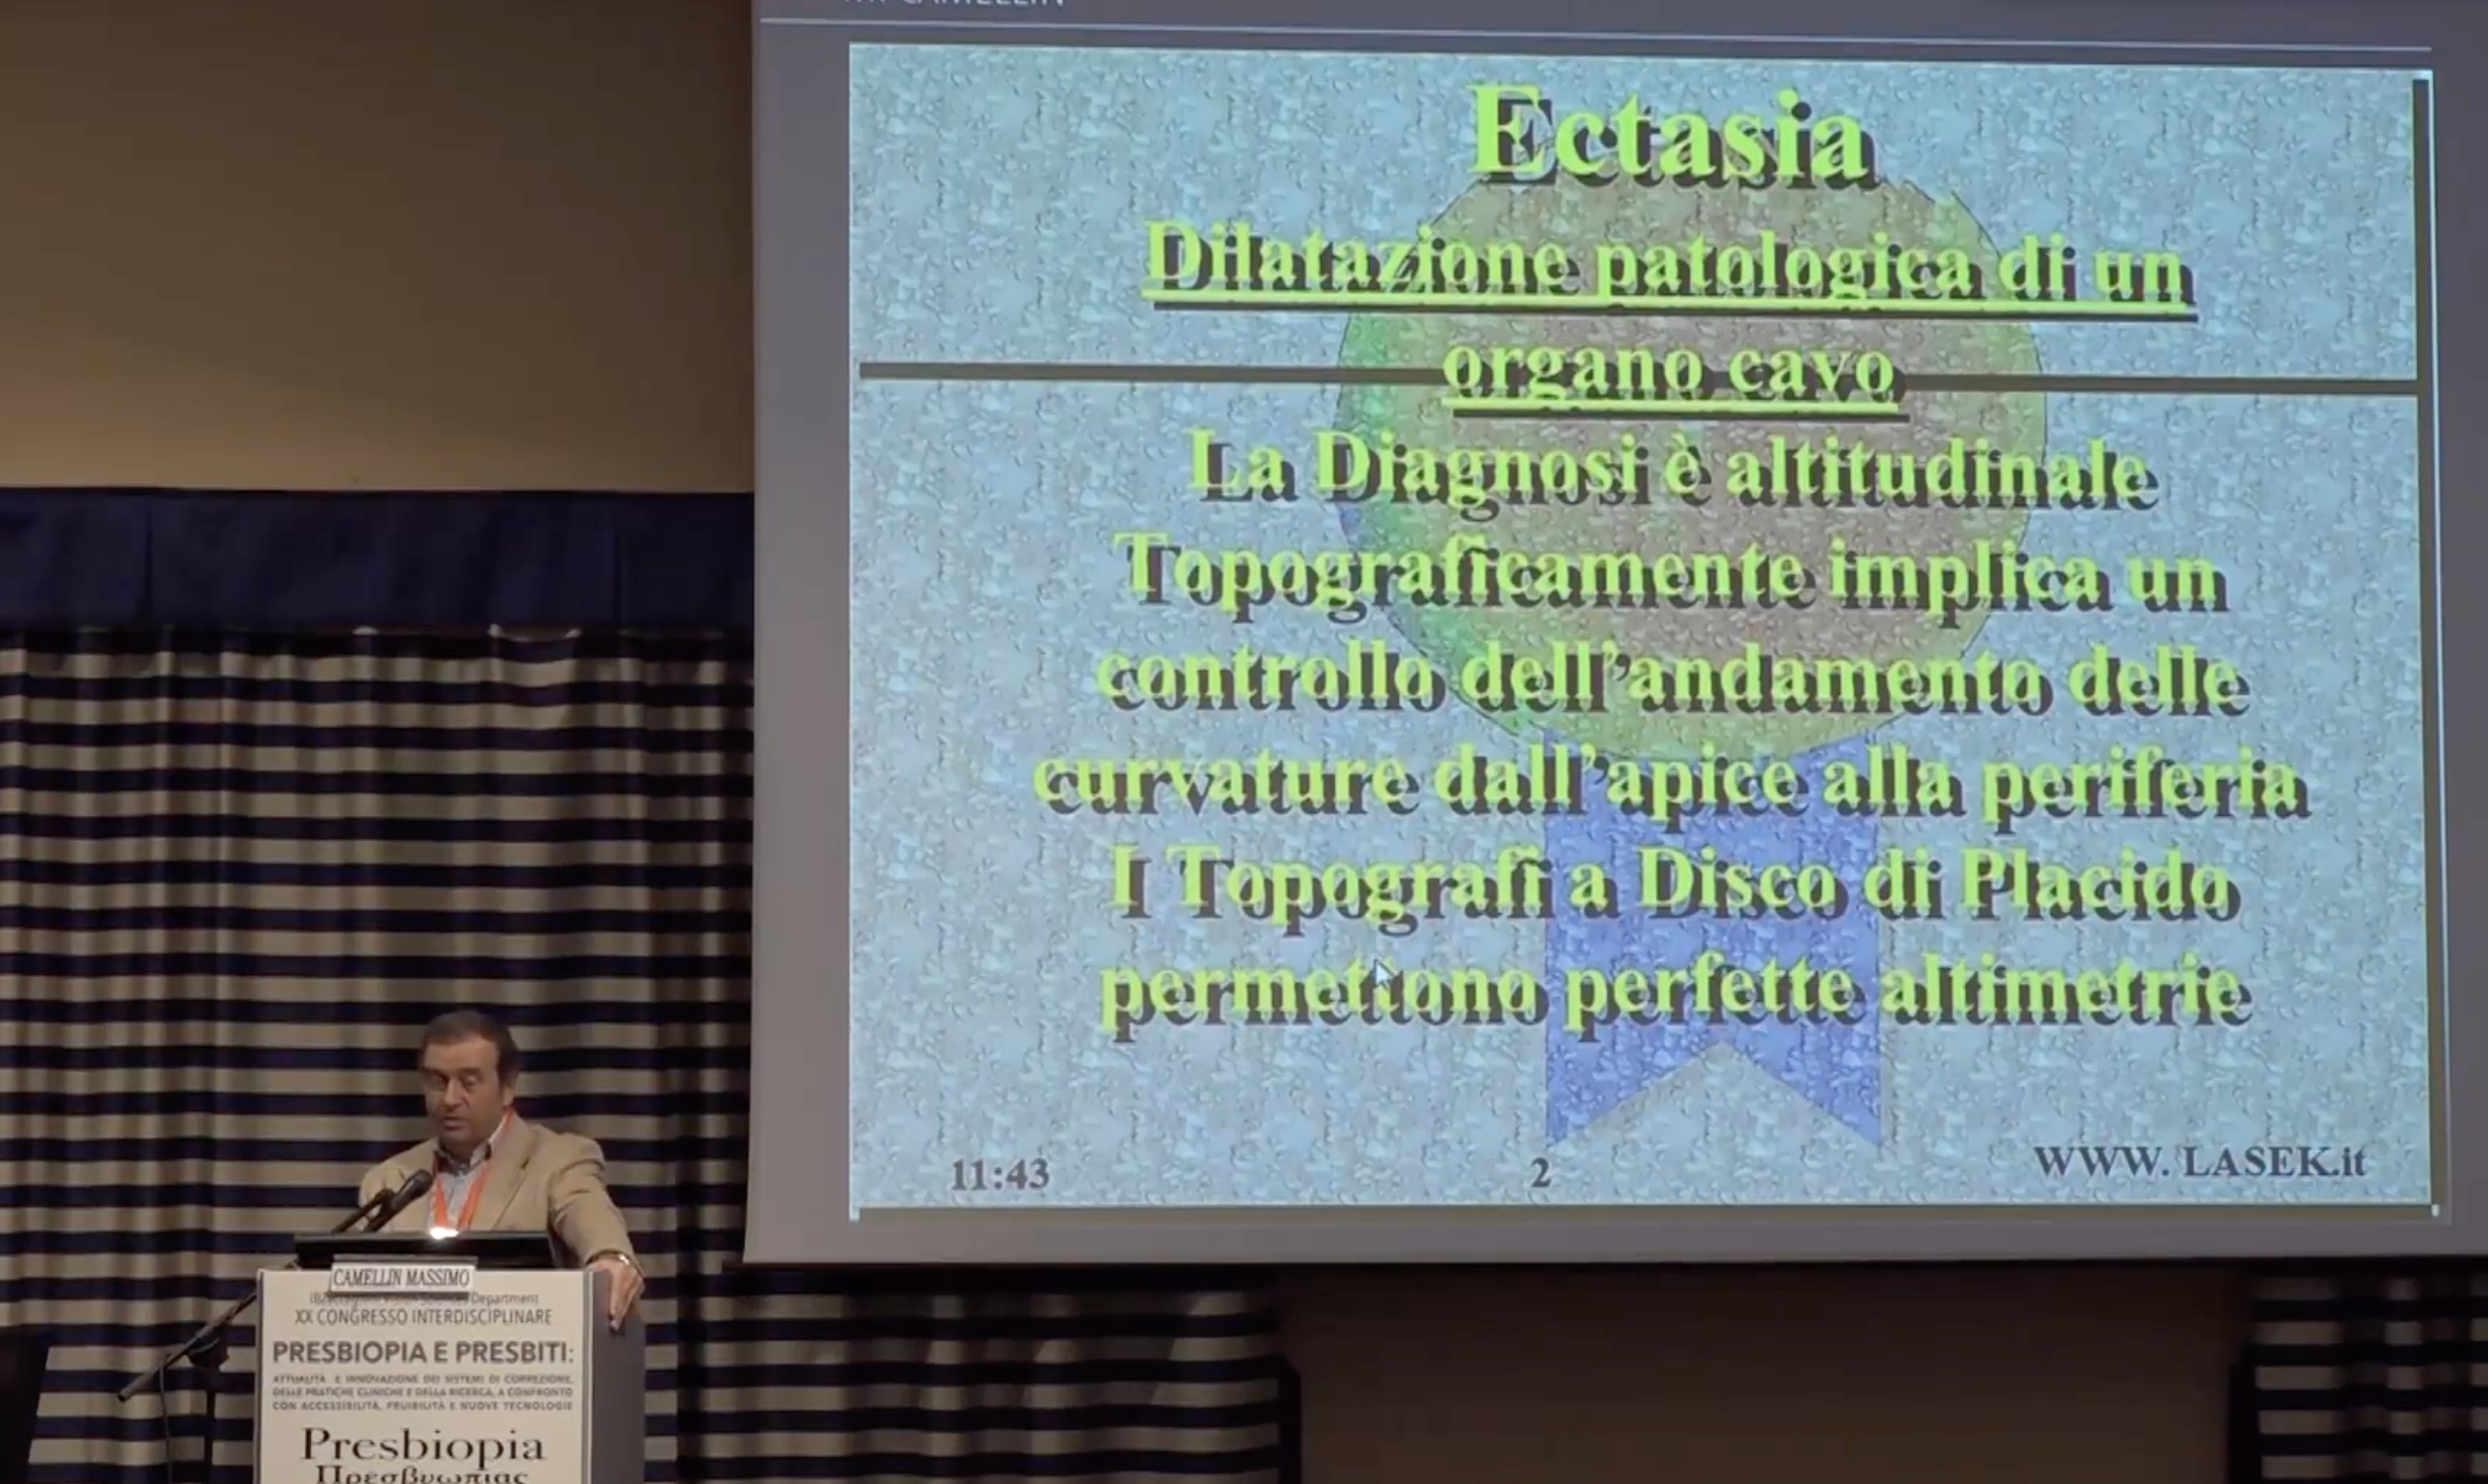 ECTASIA (XX Congresso Interdisciplinare Istituto Zaccagnini Bologna)